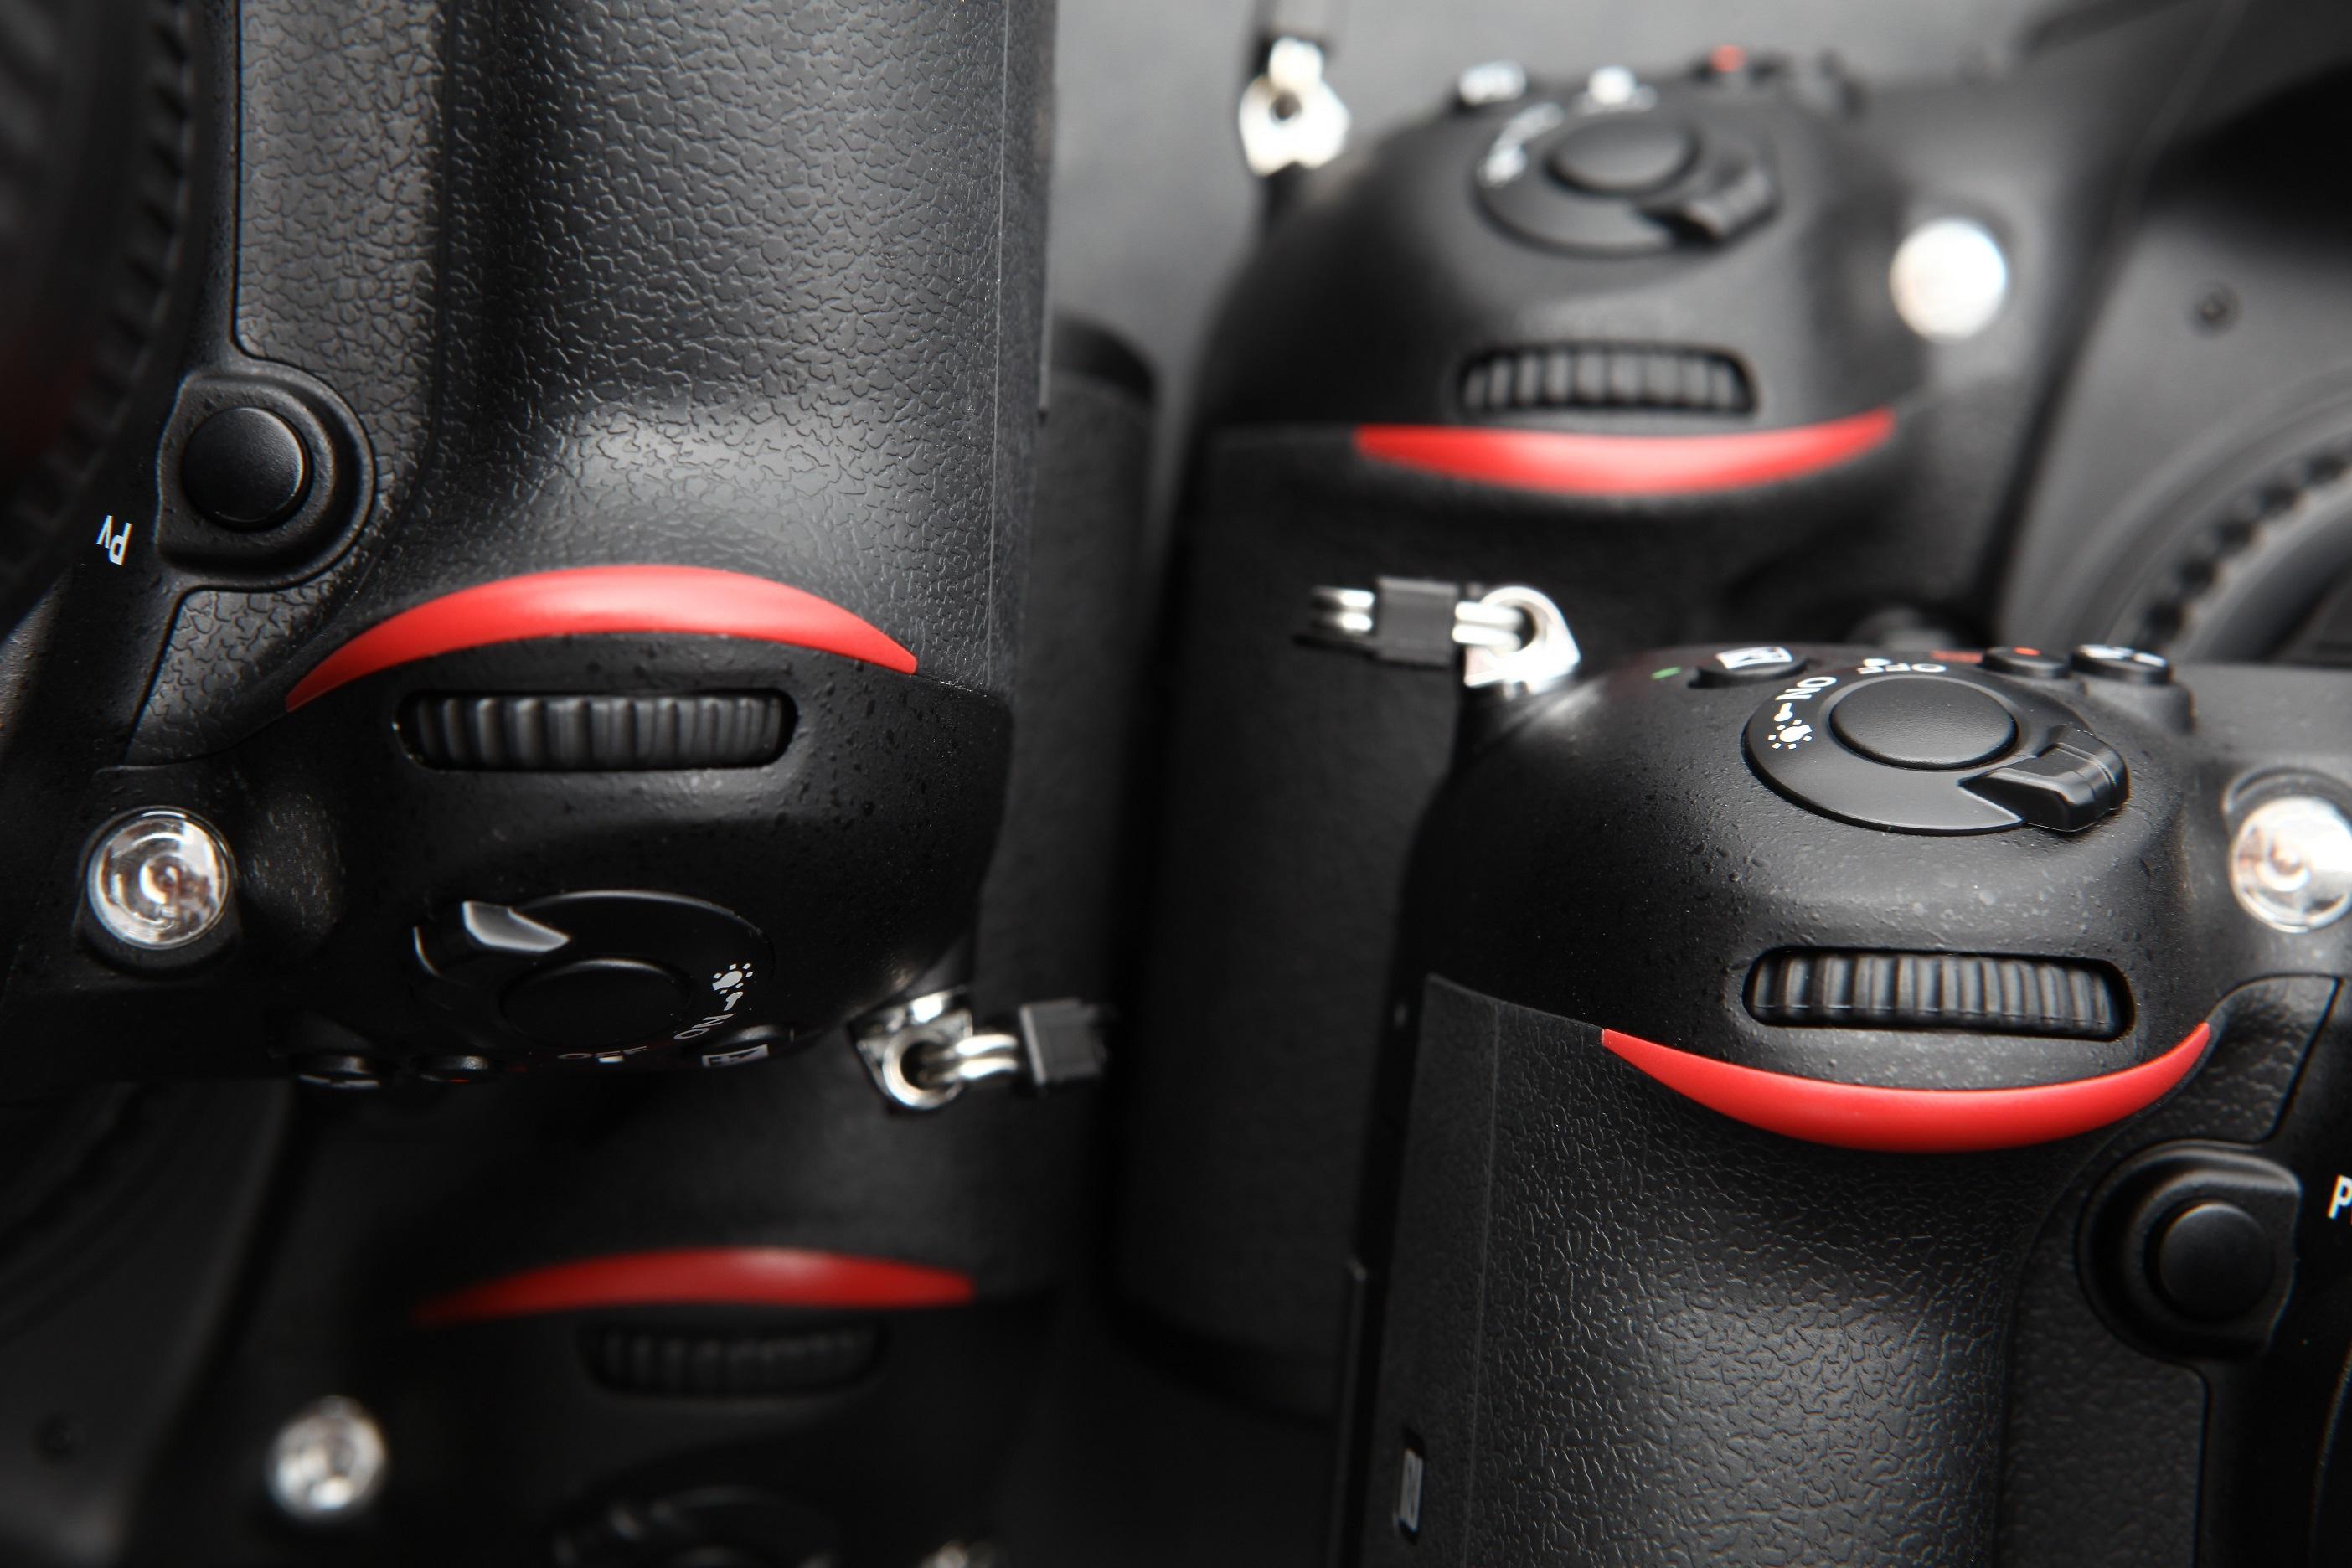 Nikon D5 ボディ